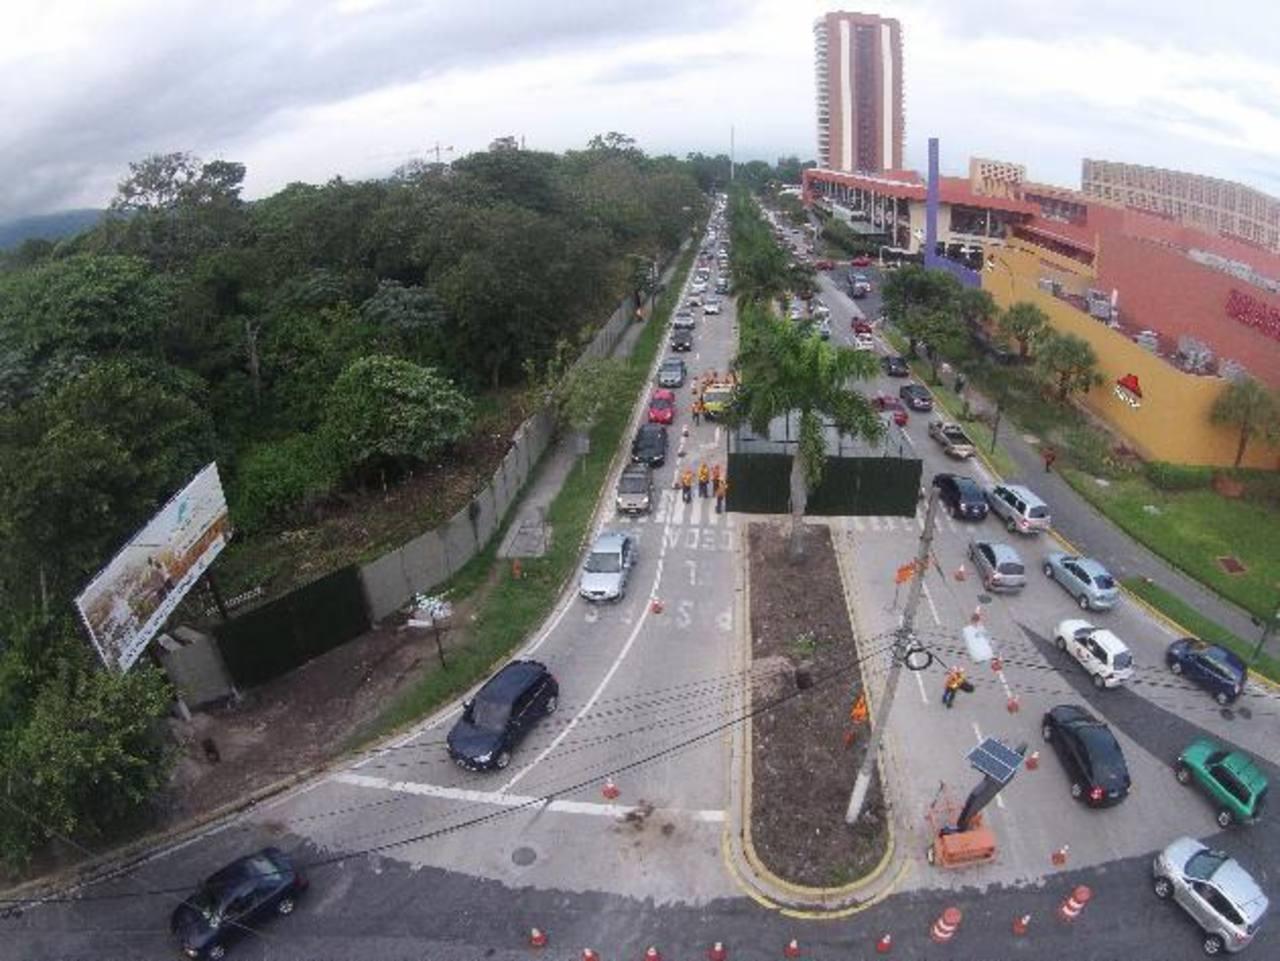 Revelan rutas alternas por construcciones en Redondel de las Naciones Unidas